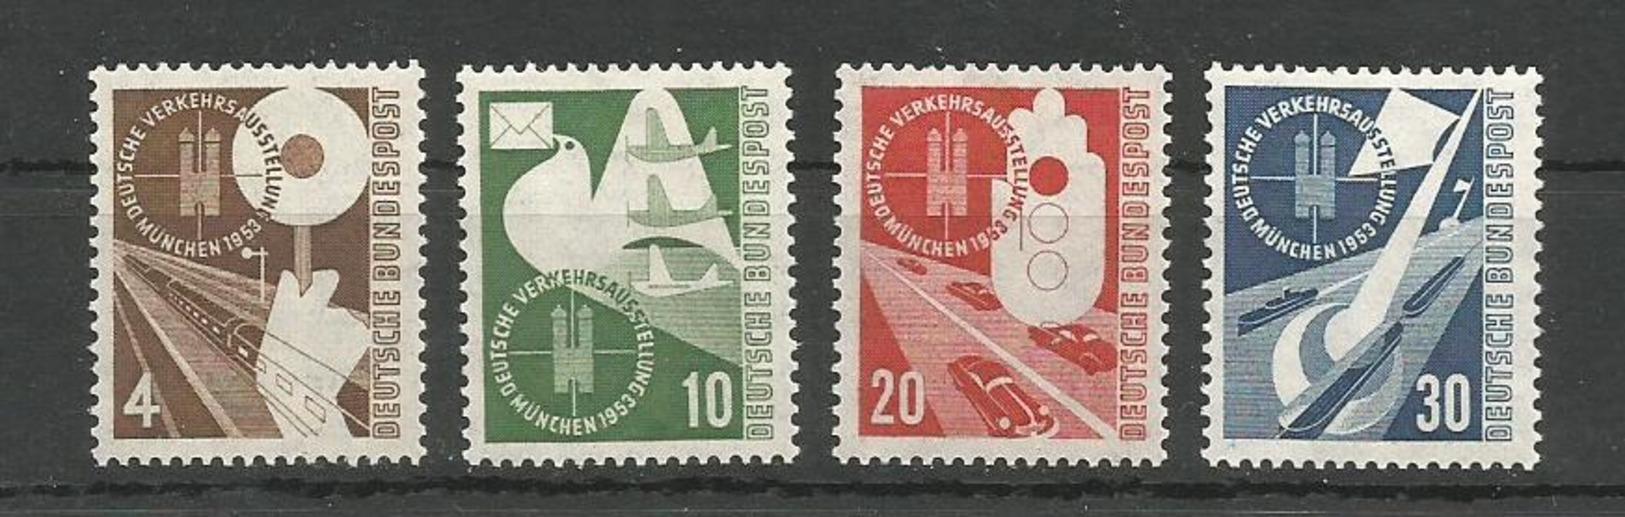 GERMANY DEUTSCHLAND 1953 TRANSPORT EXHIBITION MUNICH UNUSED - Unused Stamps